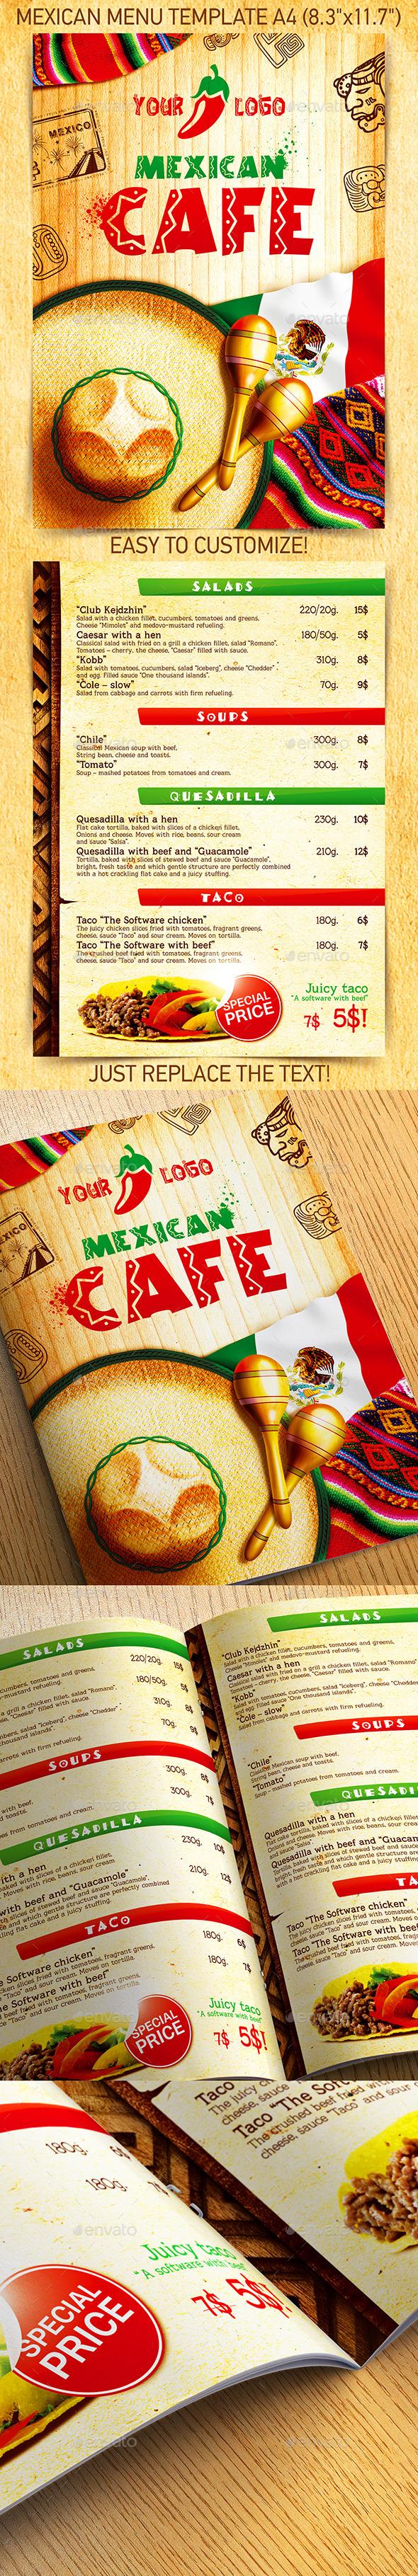 Mexican Menu Template vol.2